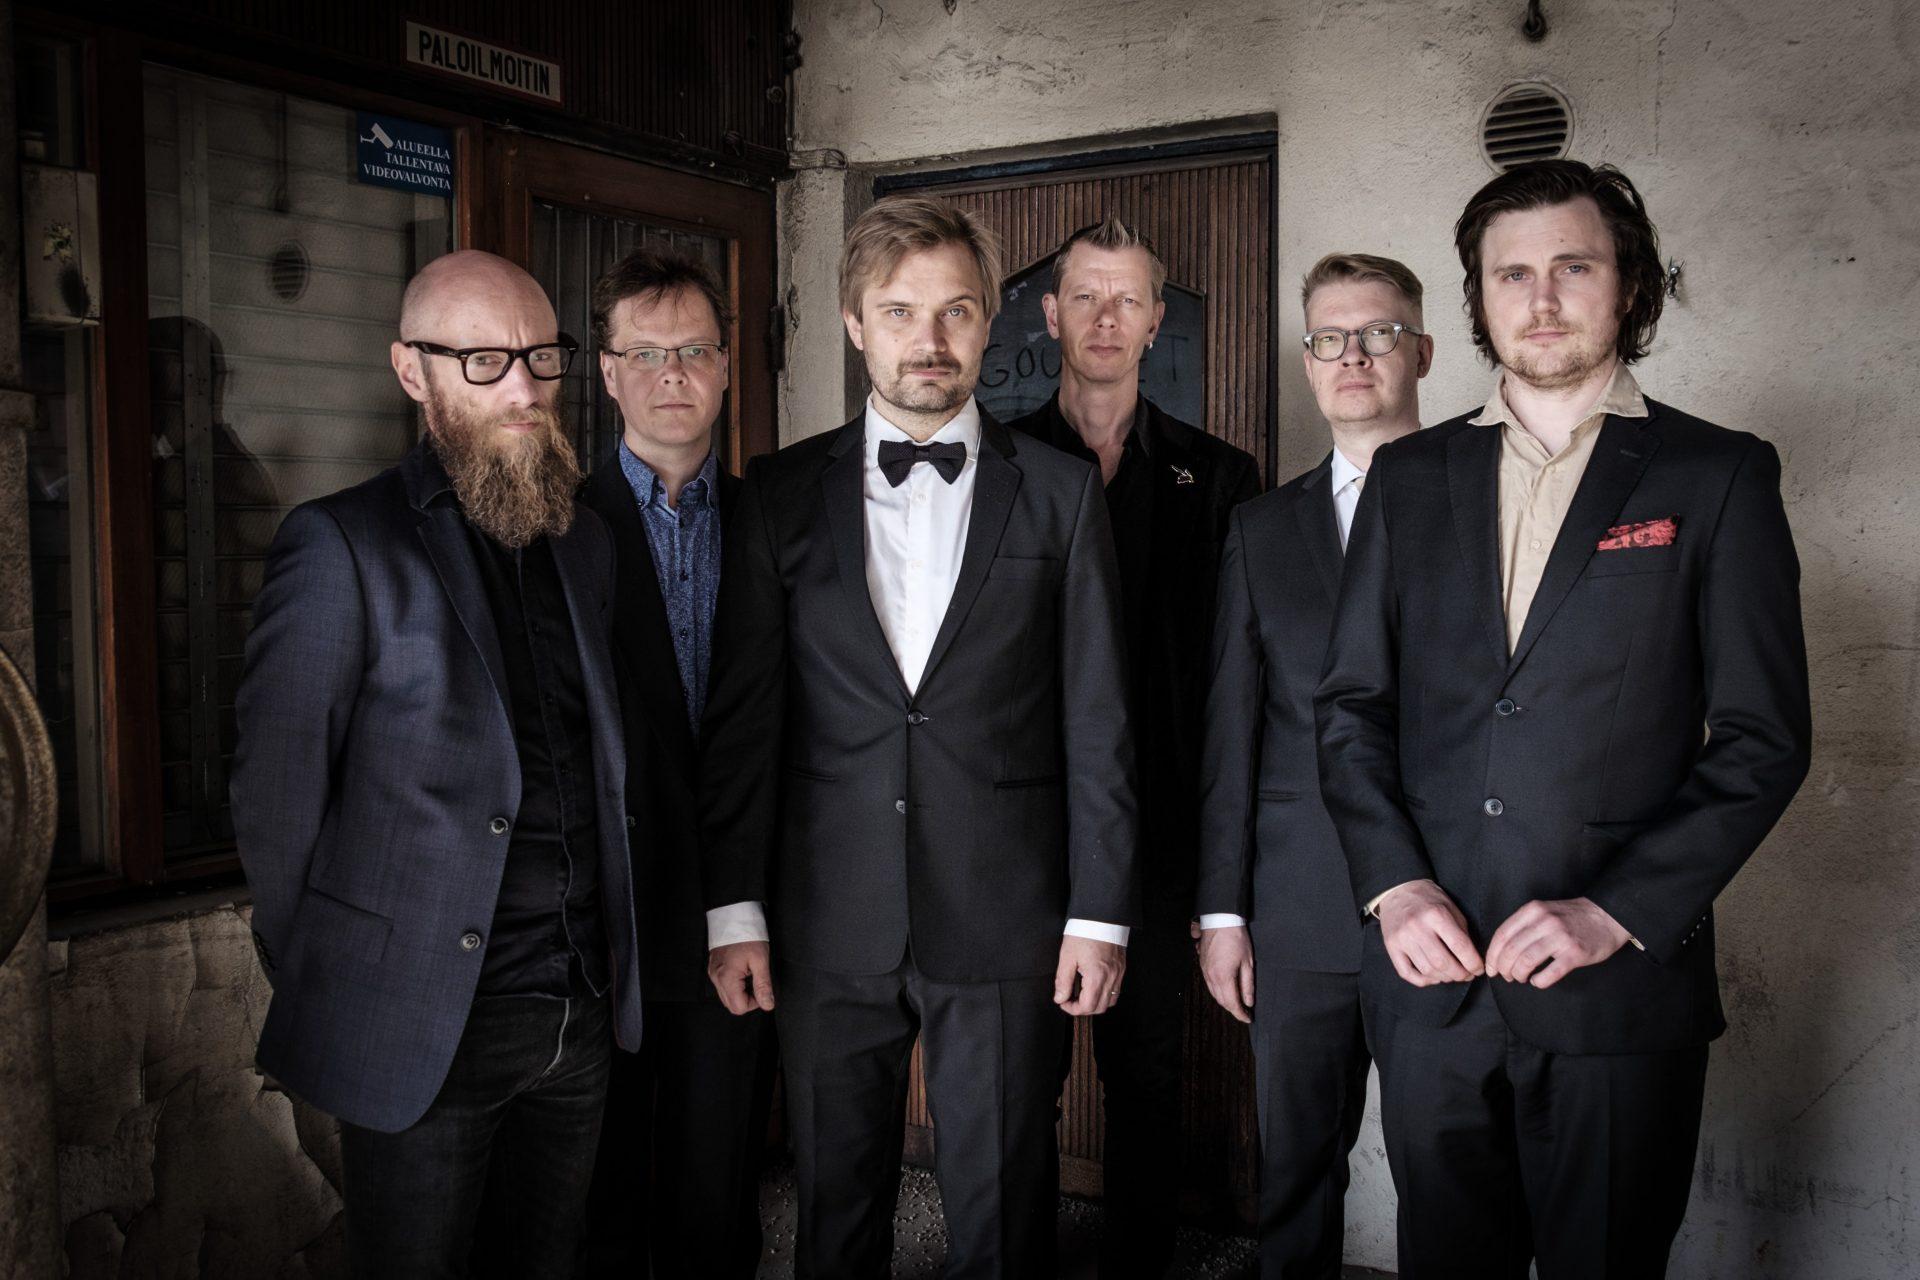 Gourmet-yhtyeen kuusi soittajaa seisoo vieretysten tummissa puvuissa ja katsoo kameraan.